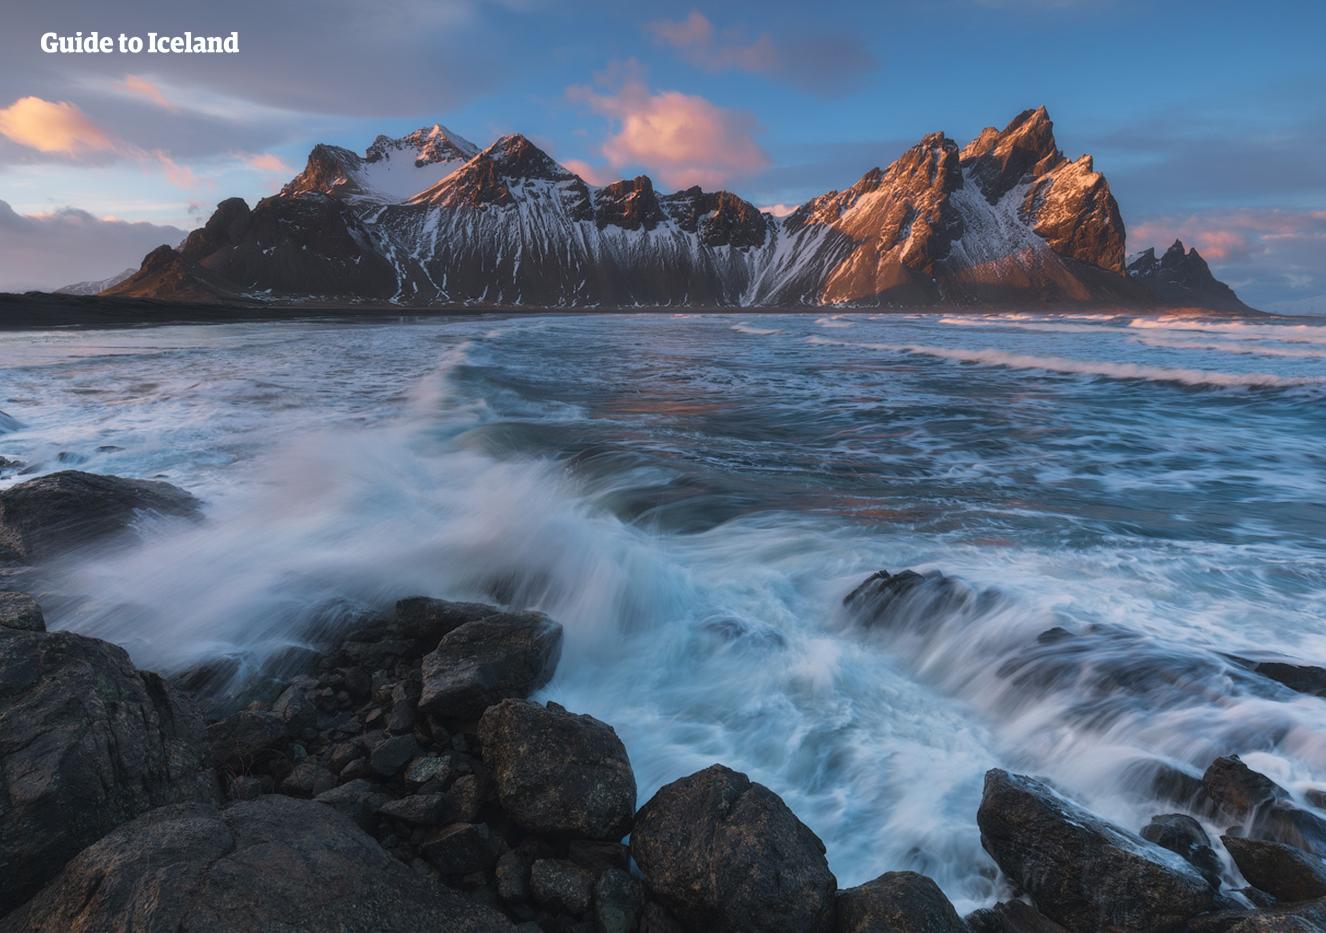 In de Oostfjorden vind je enkele van de meest indrukwekkende landschappen van IJsland.